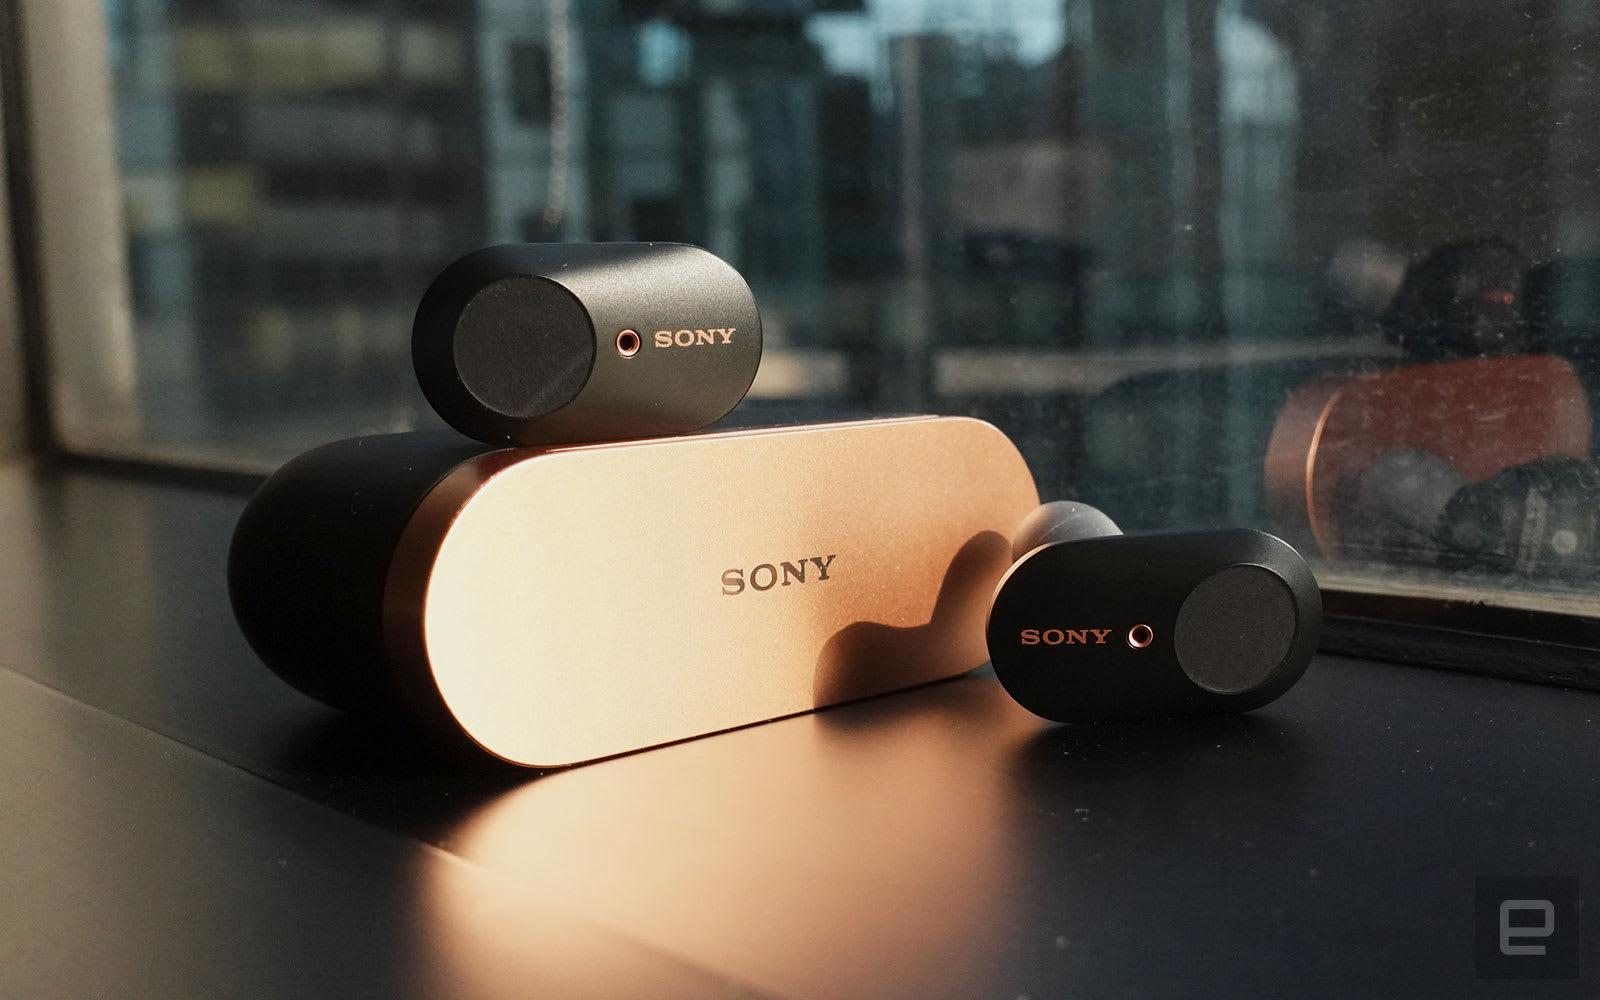 索尼 WF-1000XM3 评测:展现了他们在降噪技术上的强大